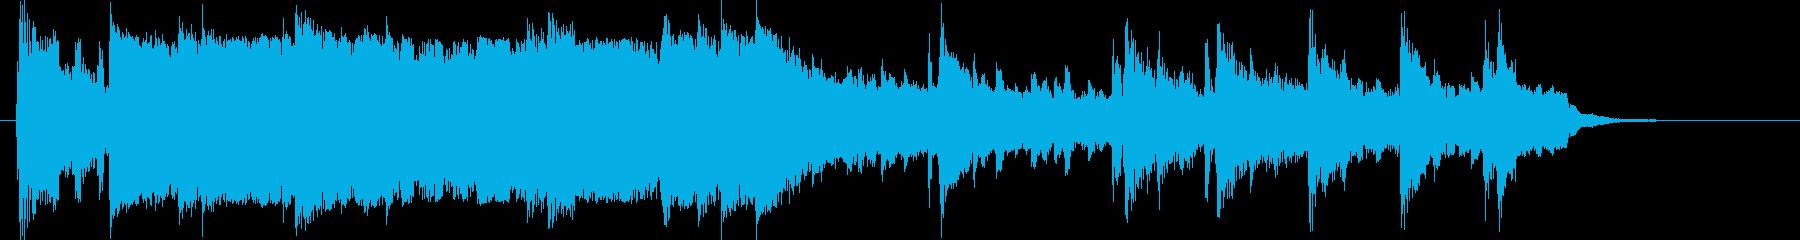 広がりのある優しいシンセサイザーの曲の再生済みの波形